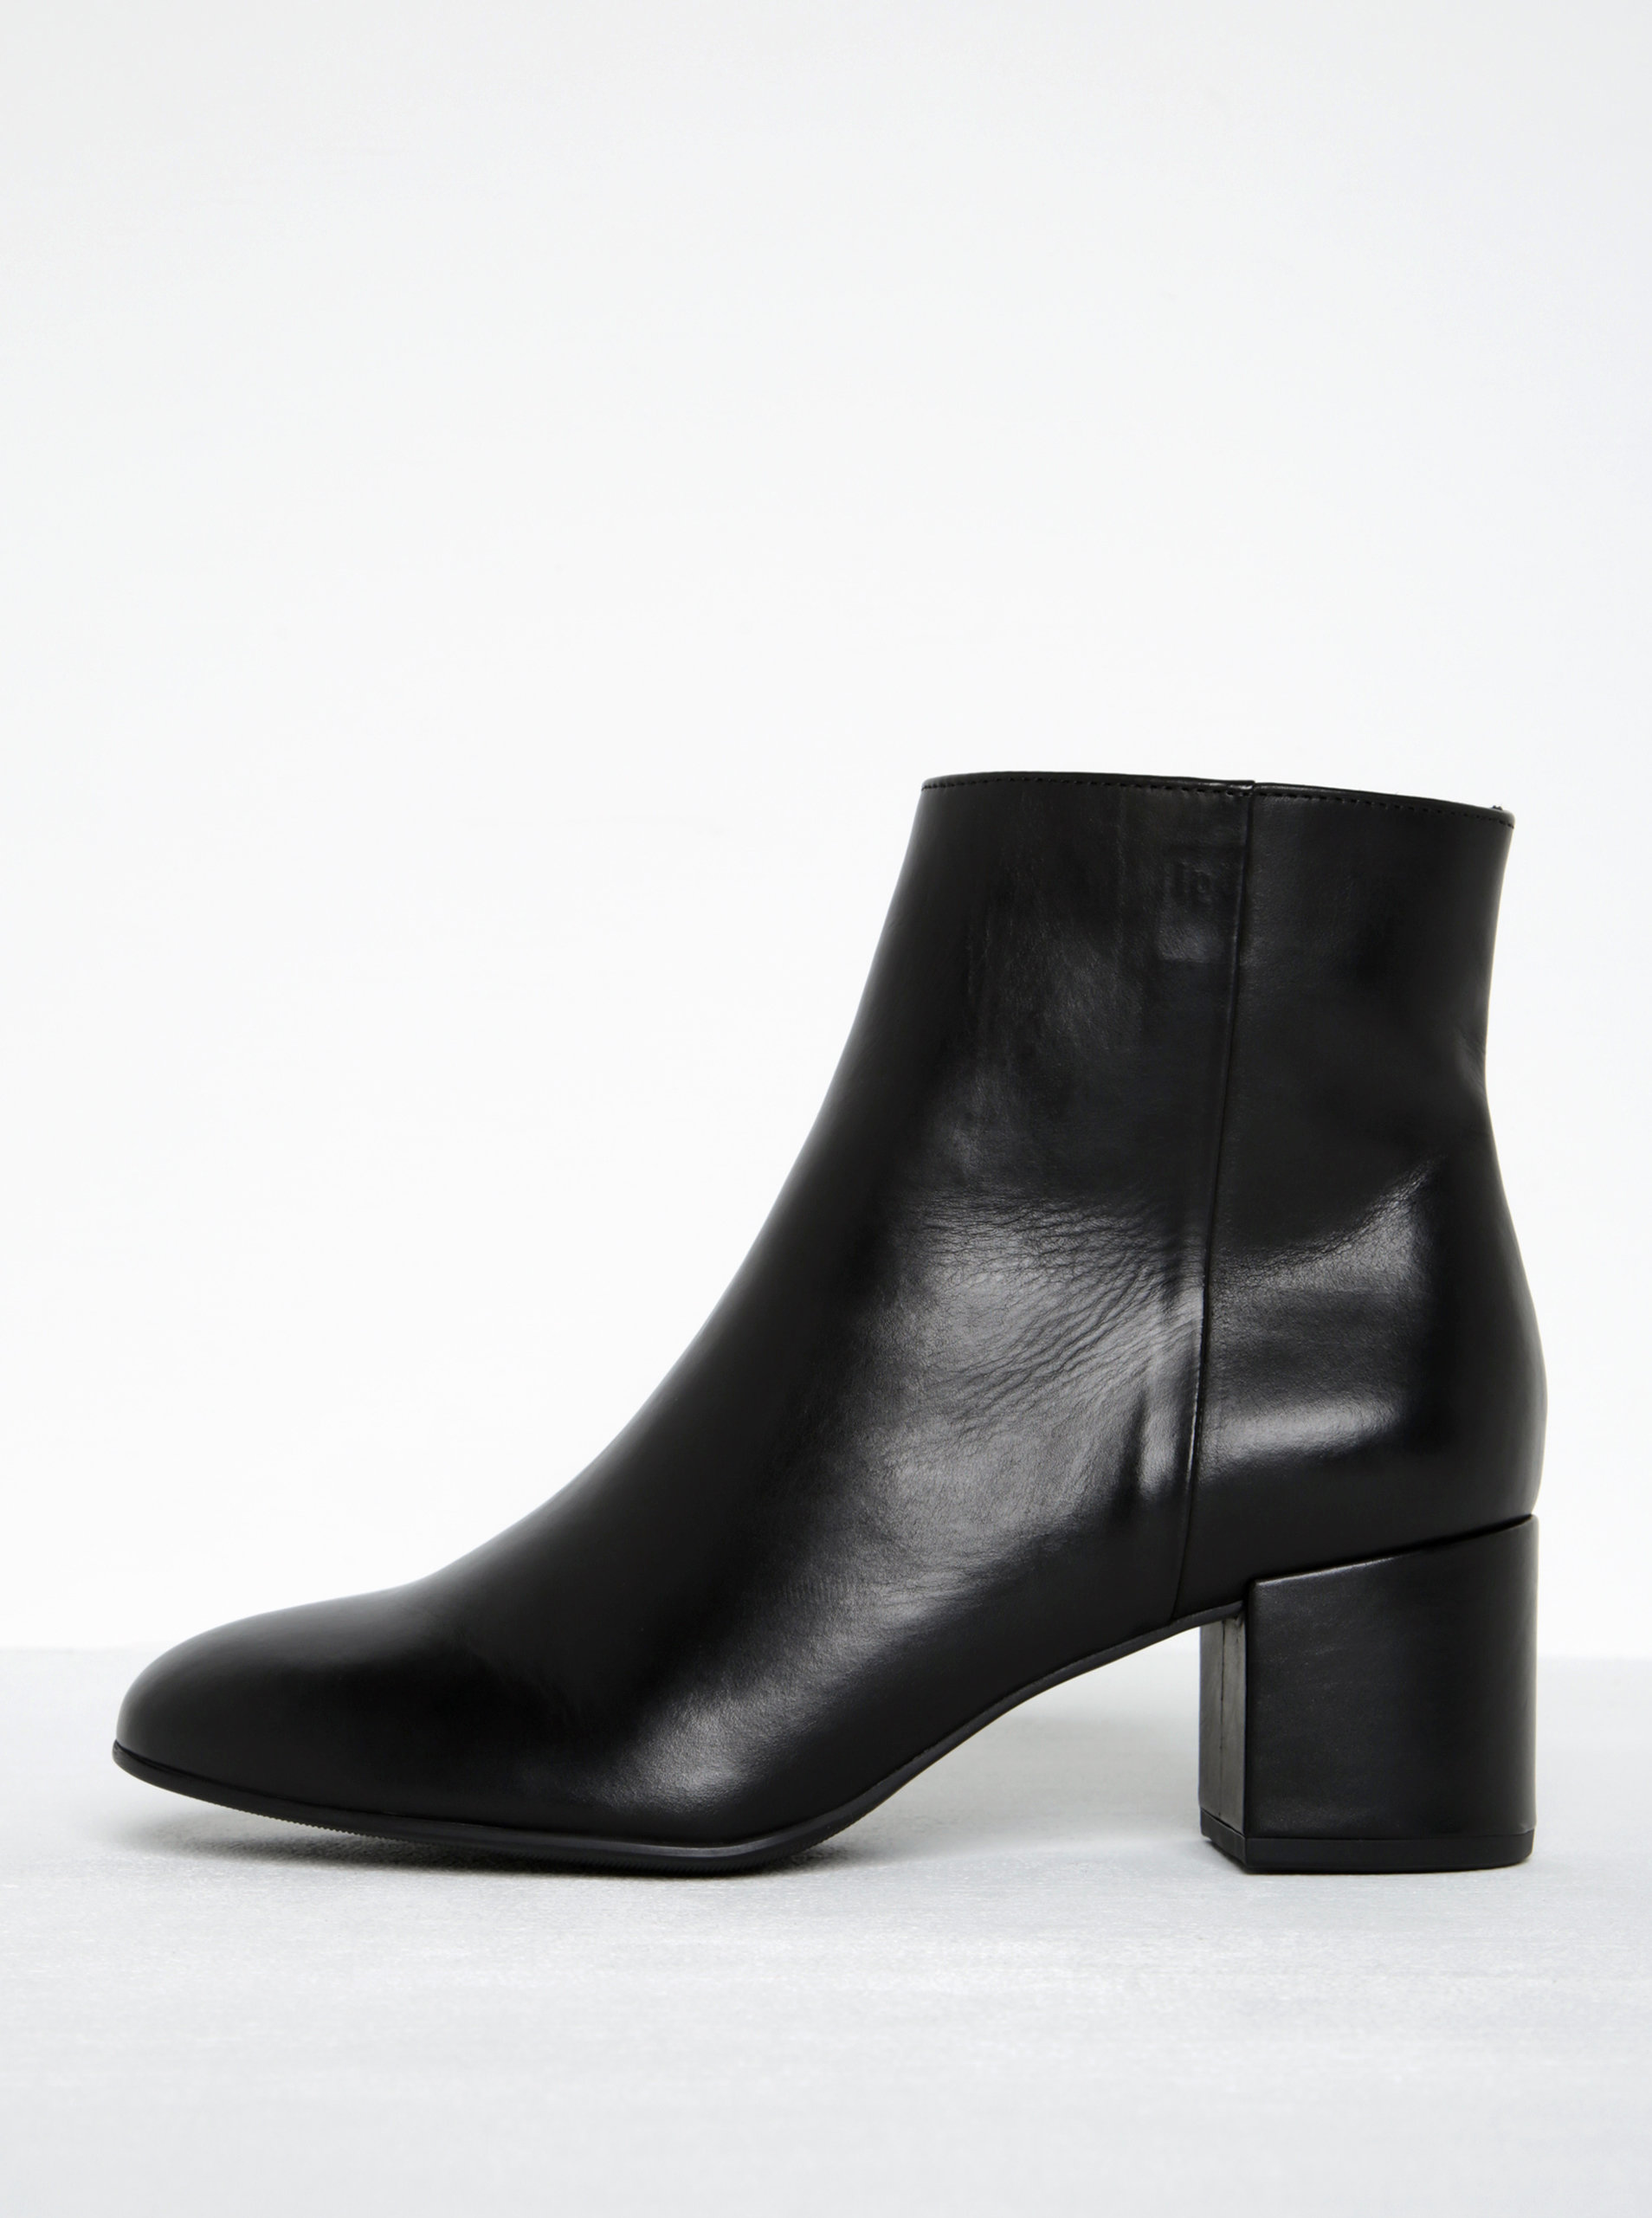 fb92fbb57317 Černé kožené kotníkové boty na podpatku Högl - Akční cena